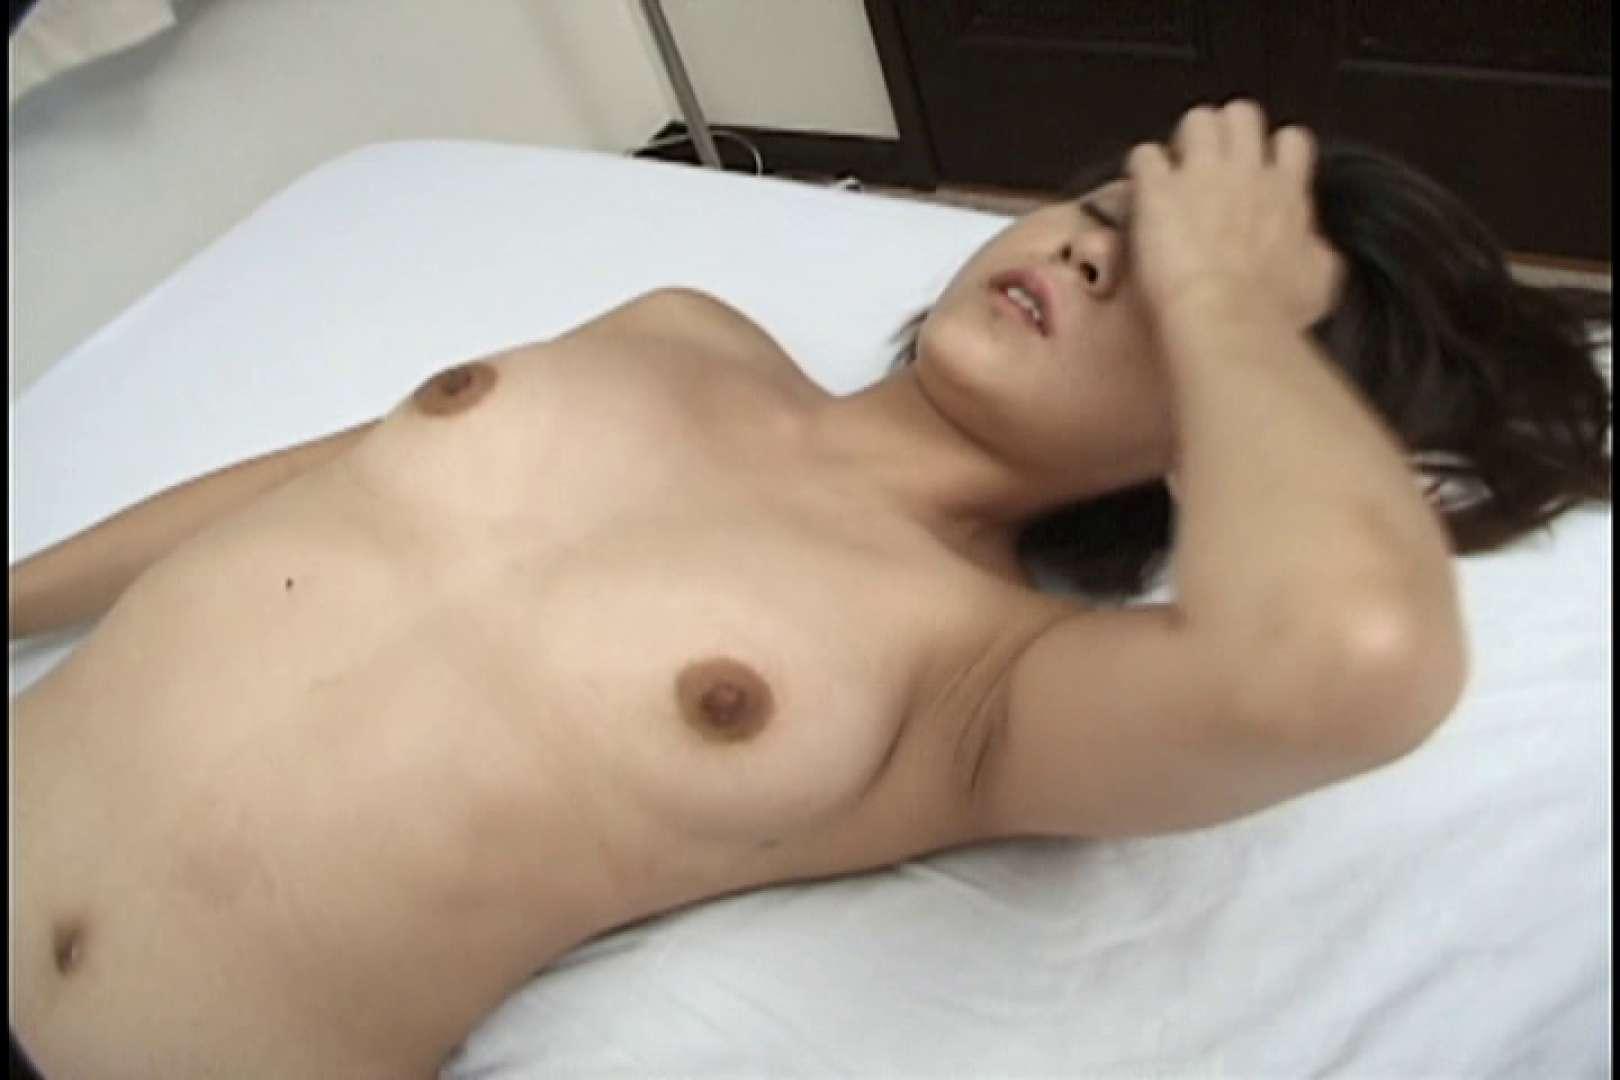 昼間の奥様は欲求不満 ~江口亜紀子~ バイブで・・  63pic 30